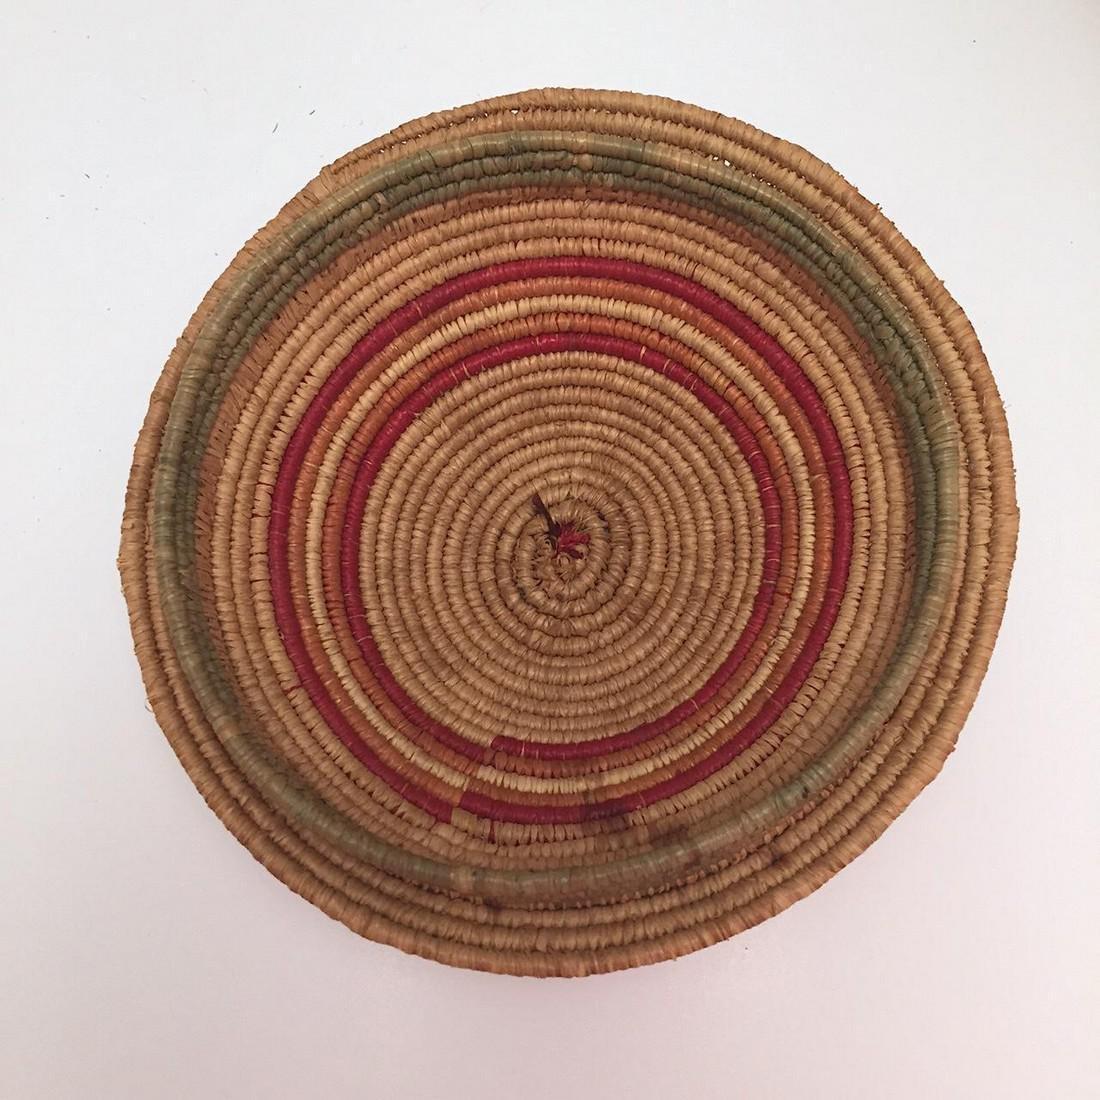 Northwest Coast Salish Lidded Coiled Basket - 6